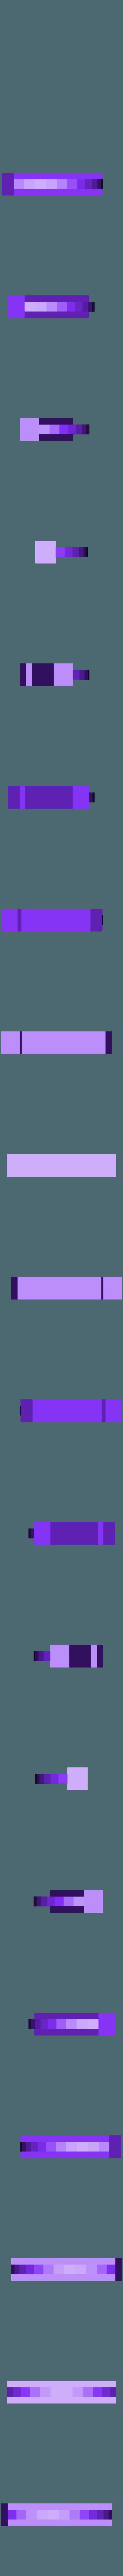 ruler-handle.stl Download free STL file Ruler Handle • 3D printing model, jolang